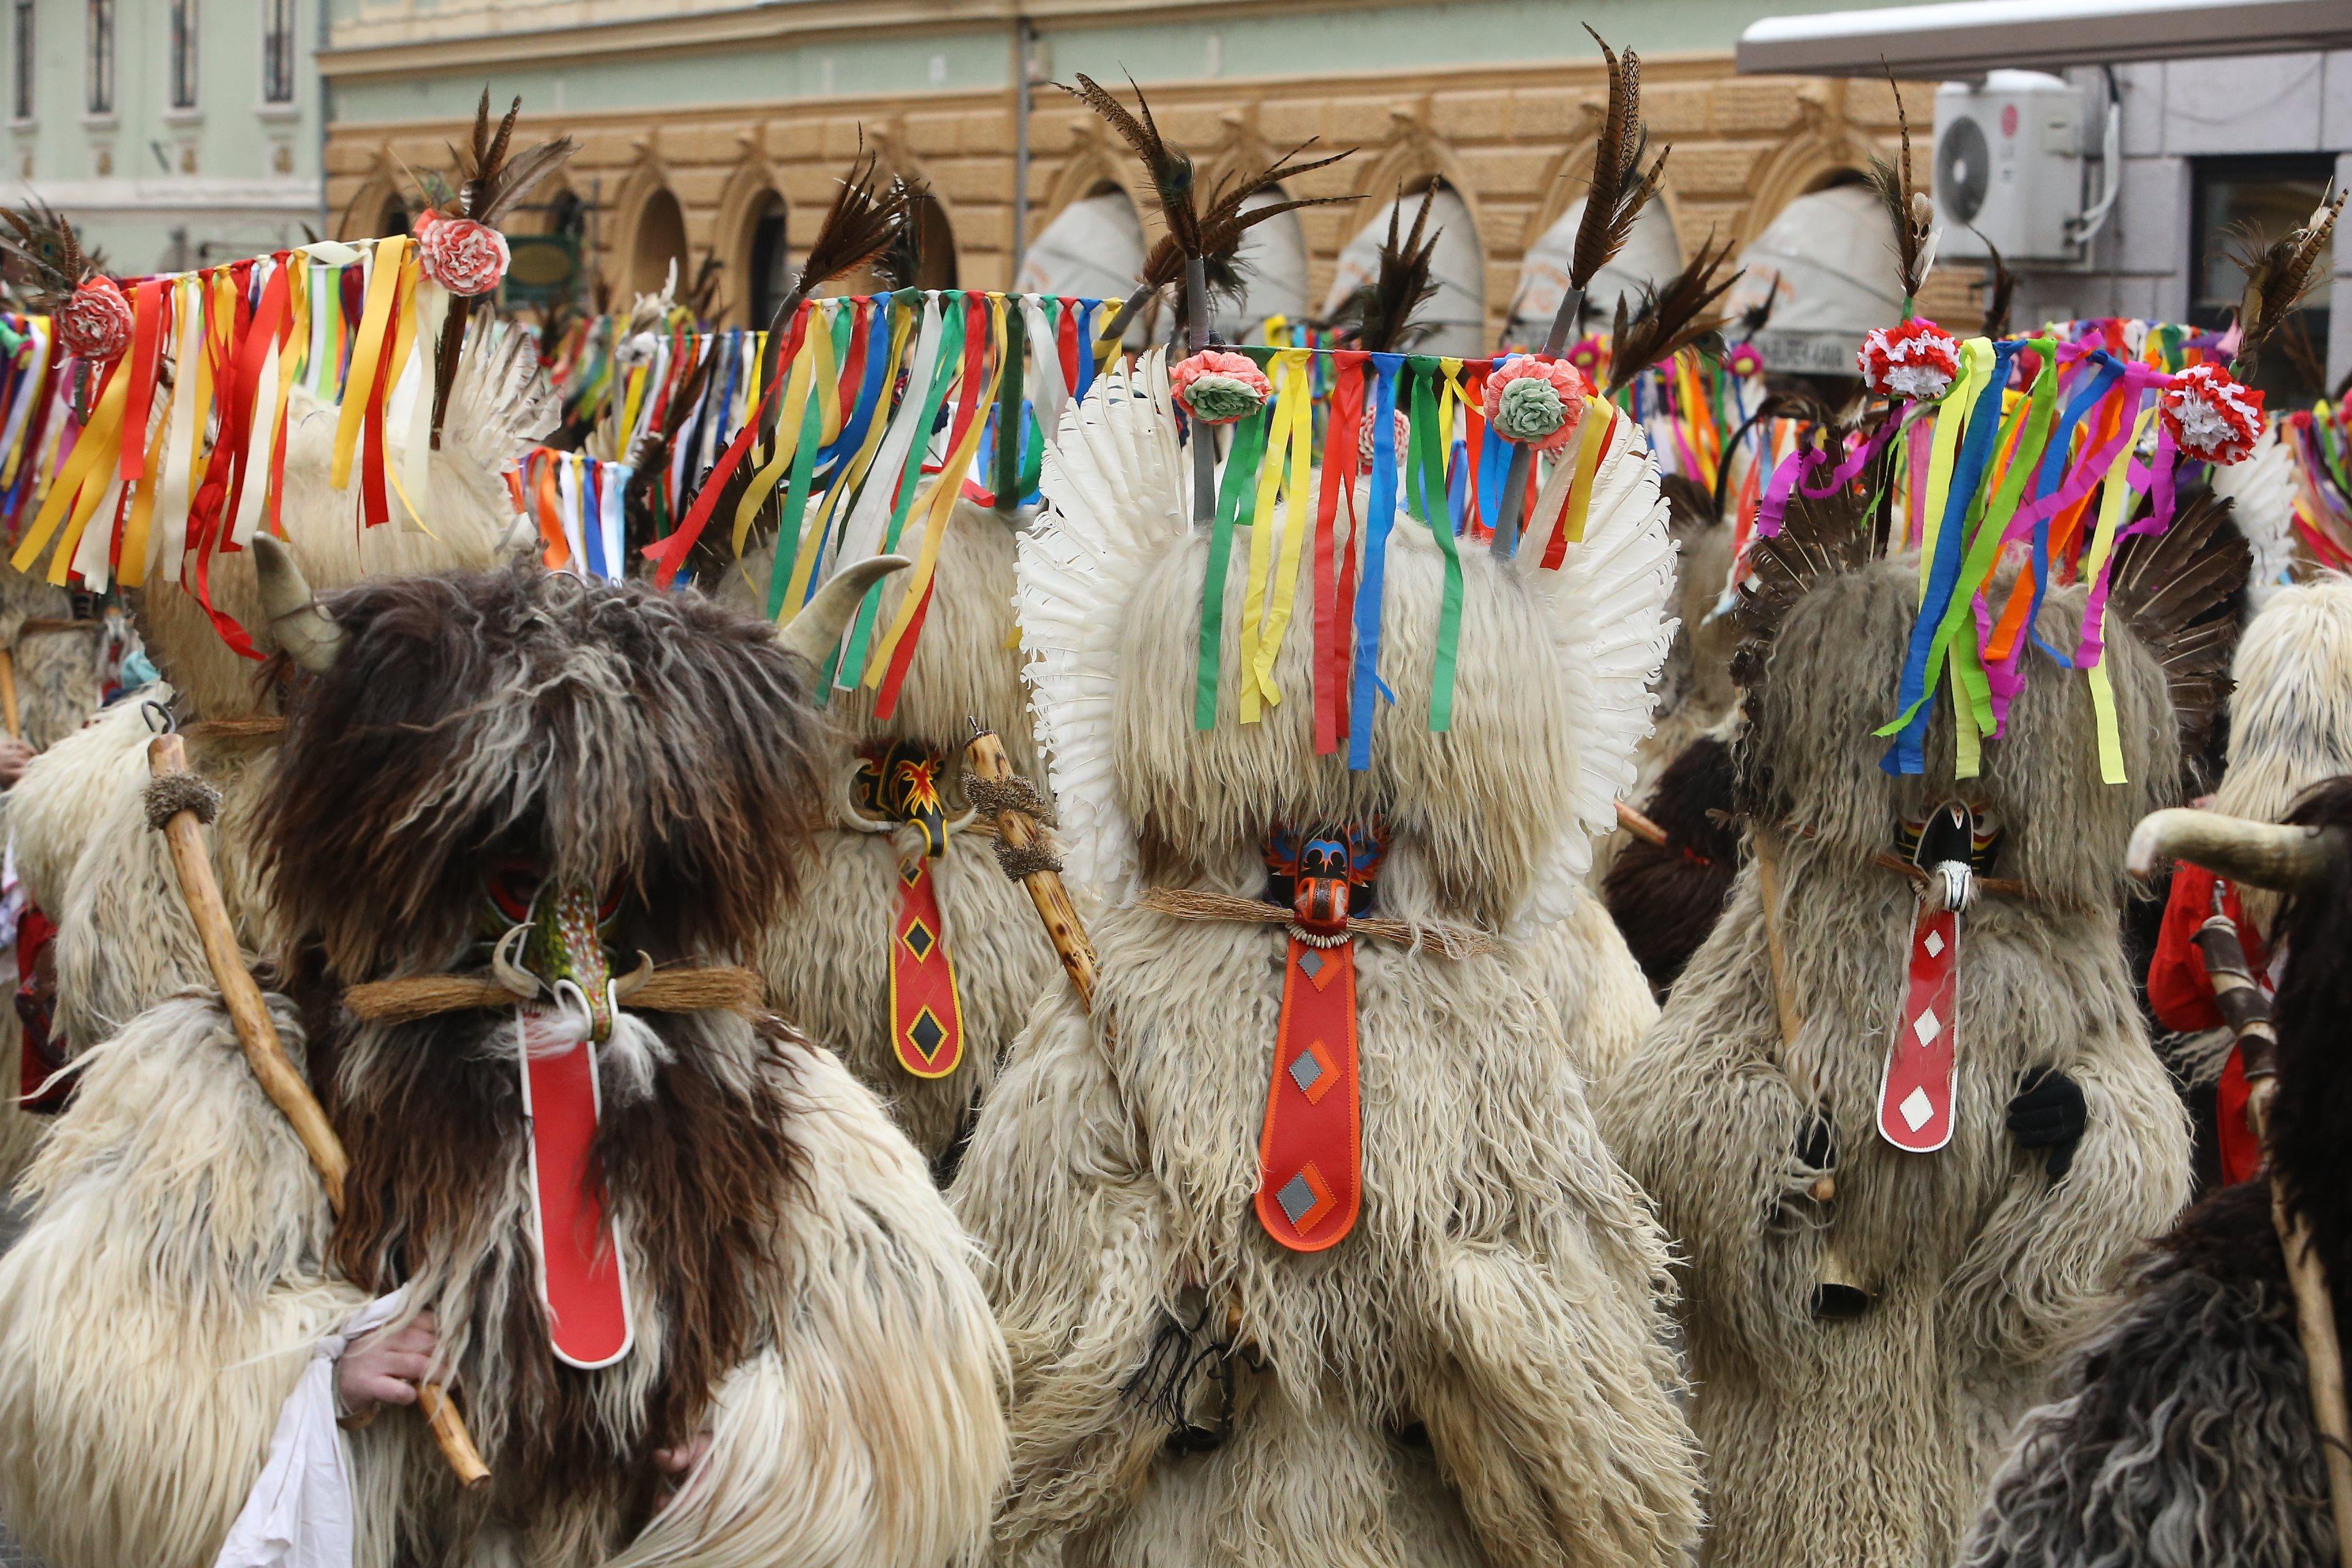 Obhodi kurentov bodo predvidoma že prihodnji mesec tudi uradno uvrščeni na prestižni Unescov seznam kulturne dediščine.